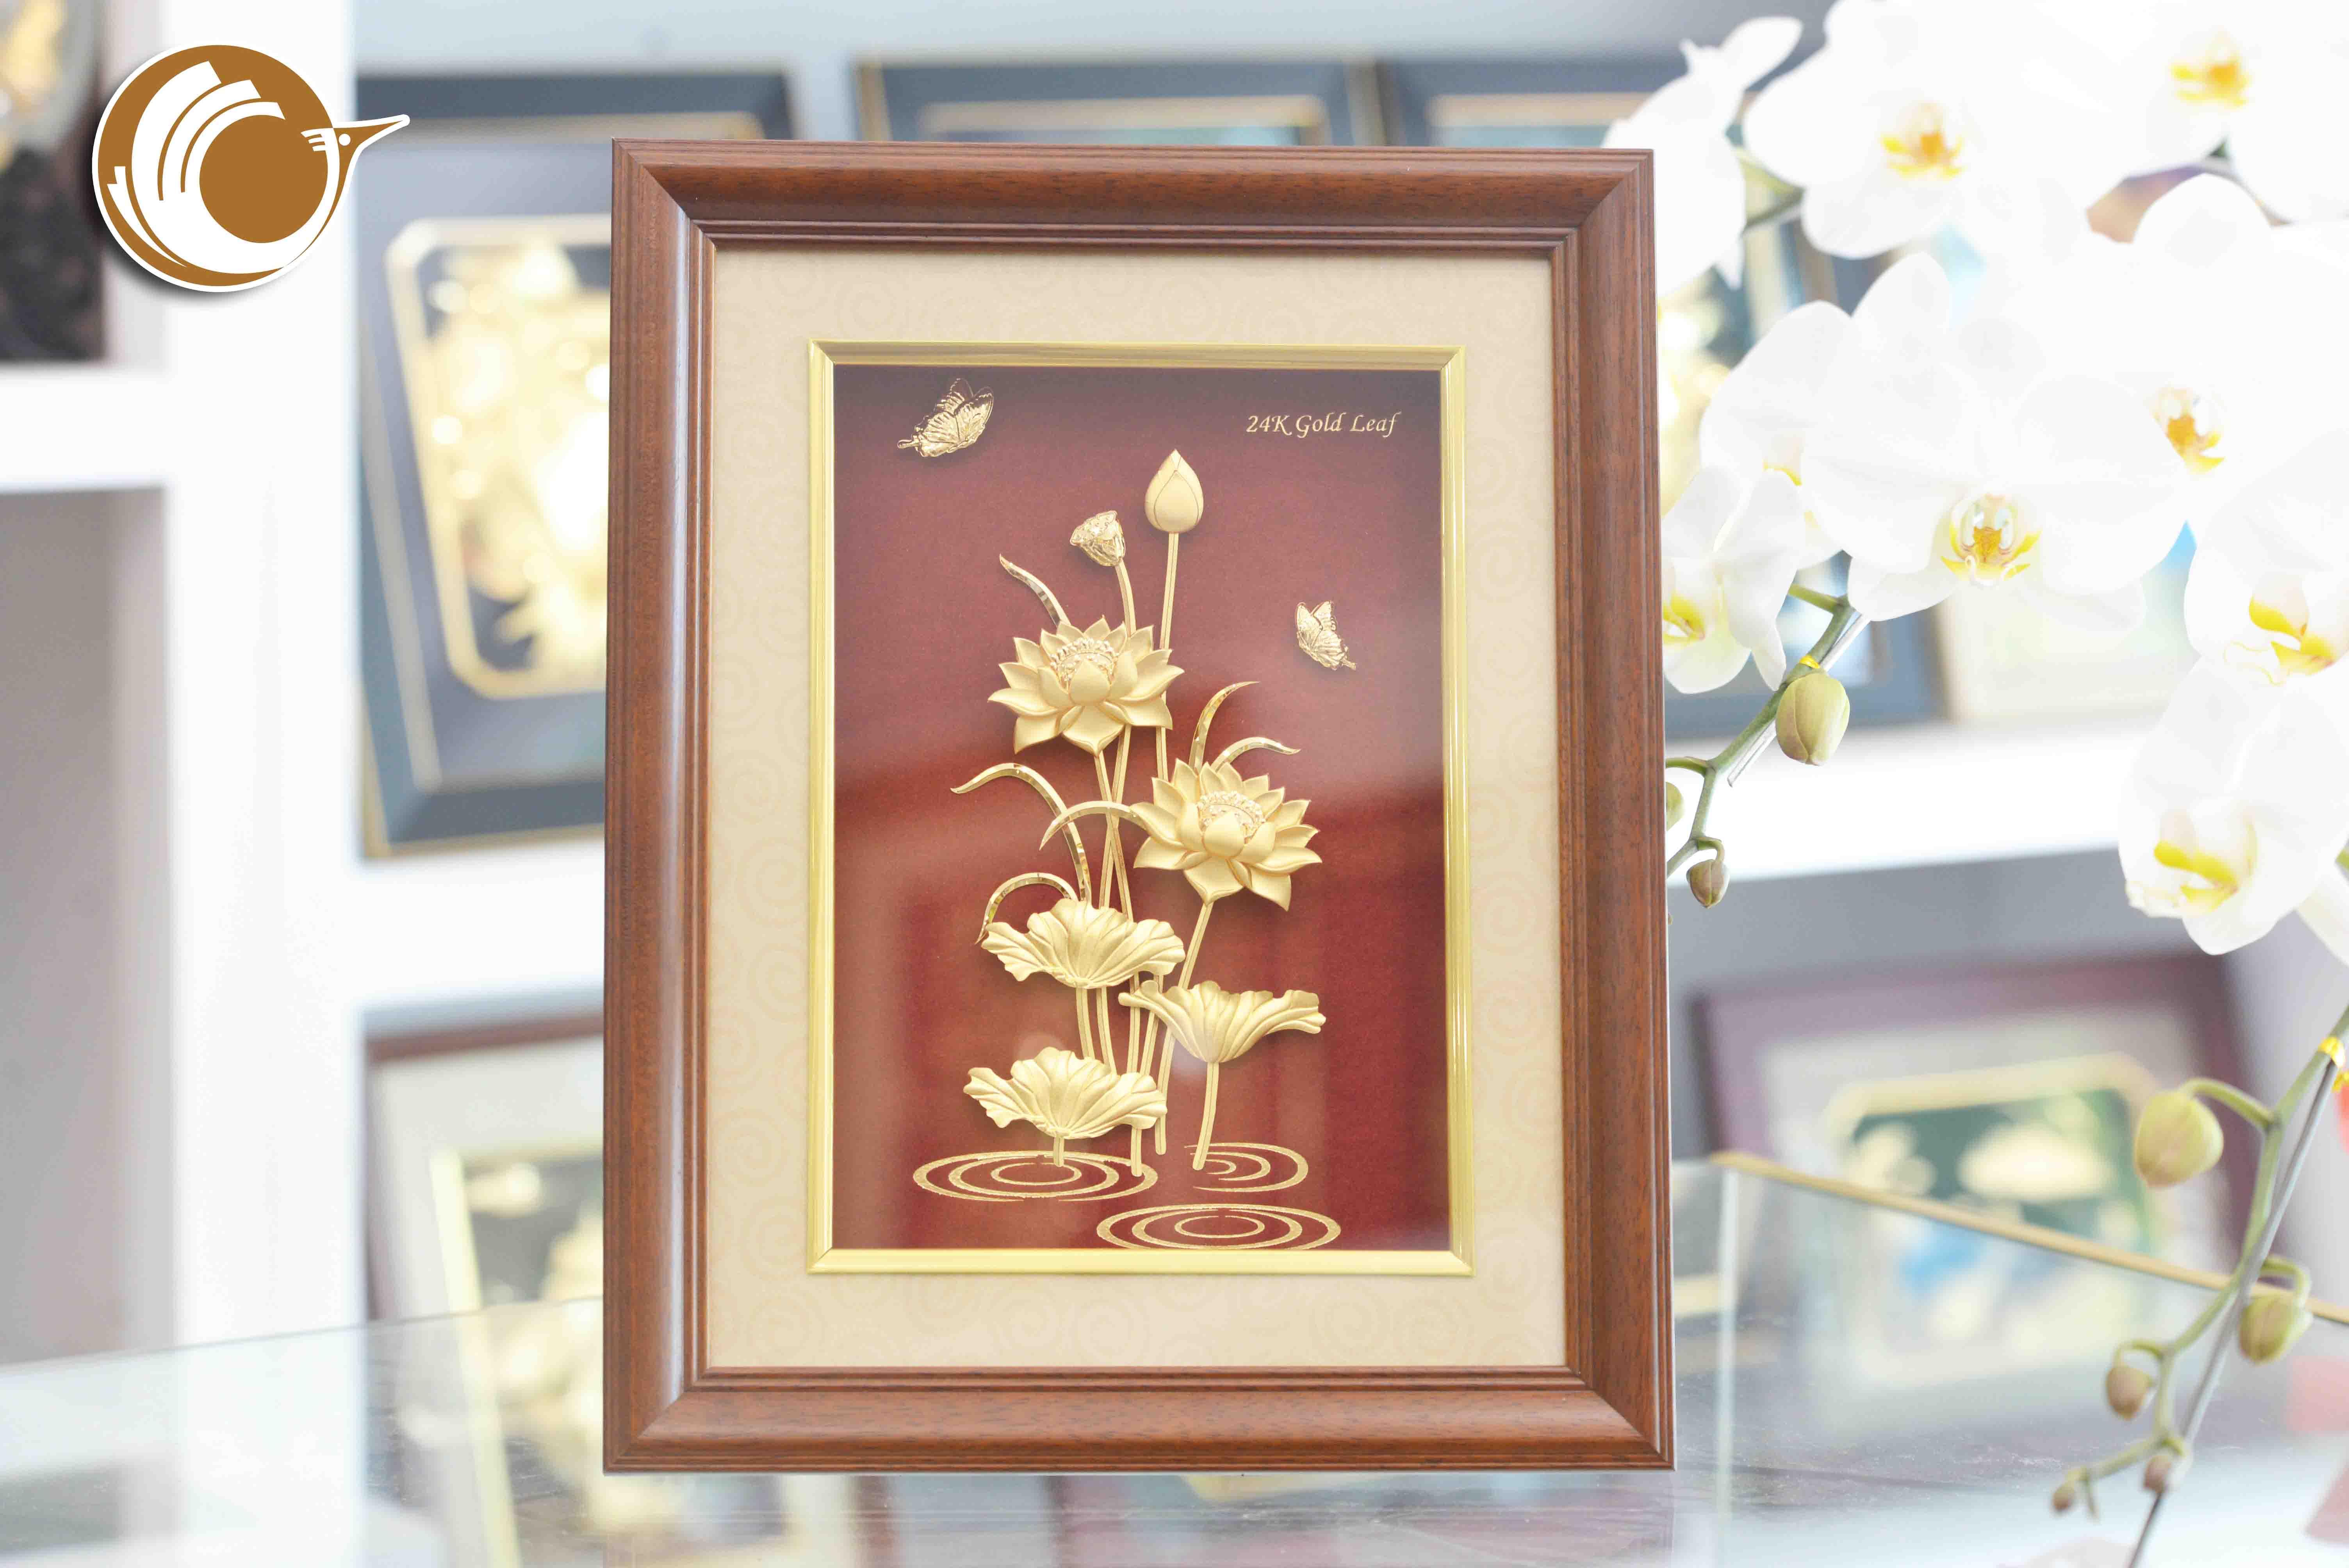 Tranh hoa sen dát vàng, tranh hoa sen làm quà tặng khách nước ngoài0